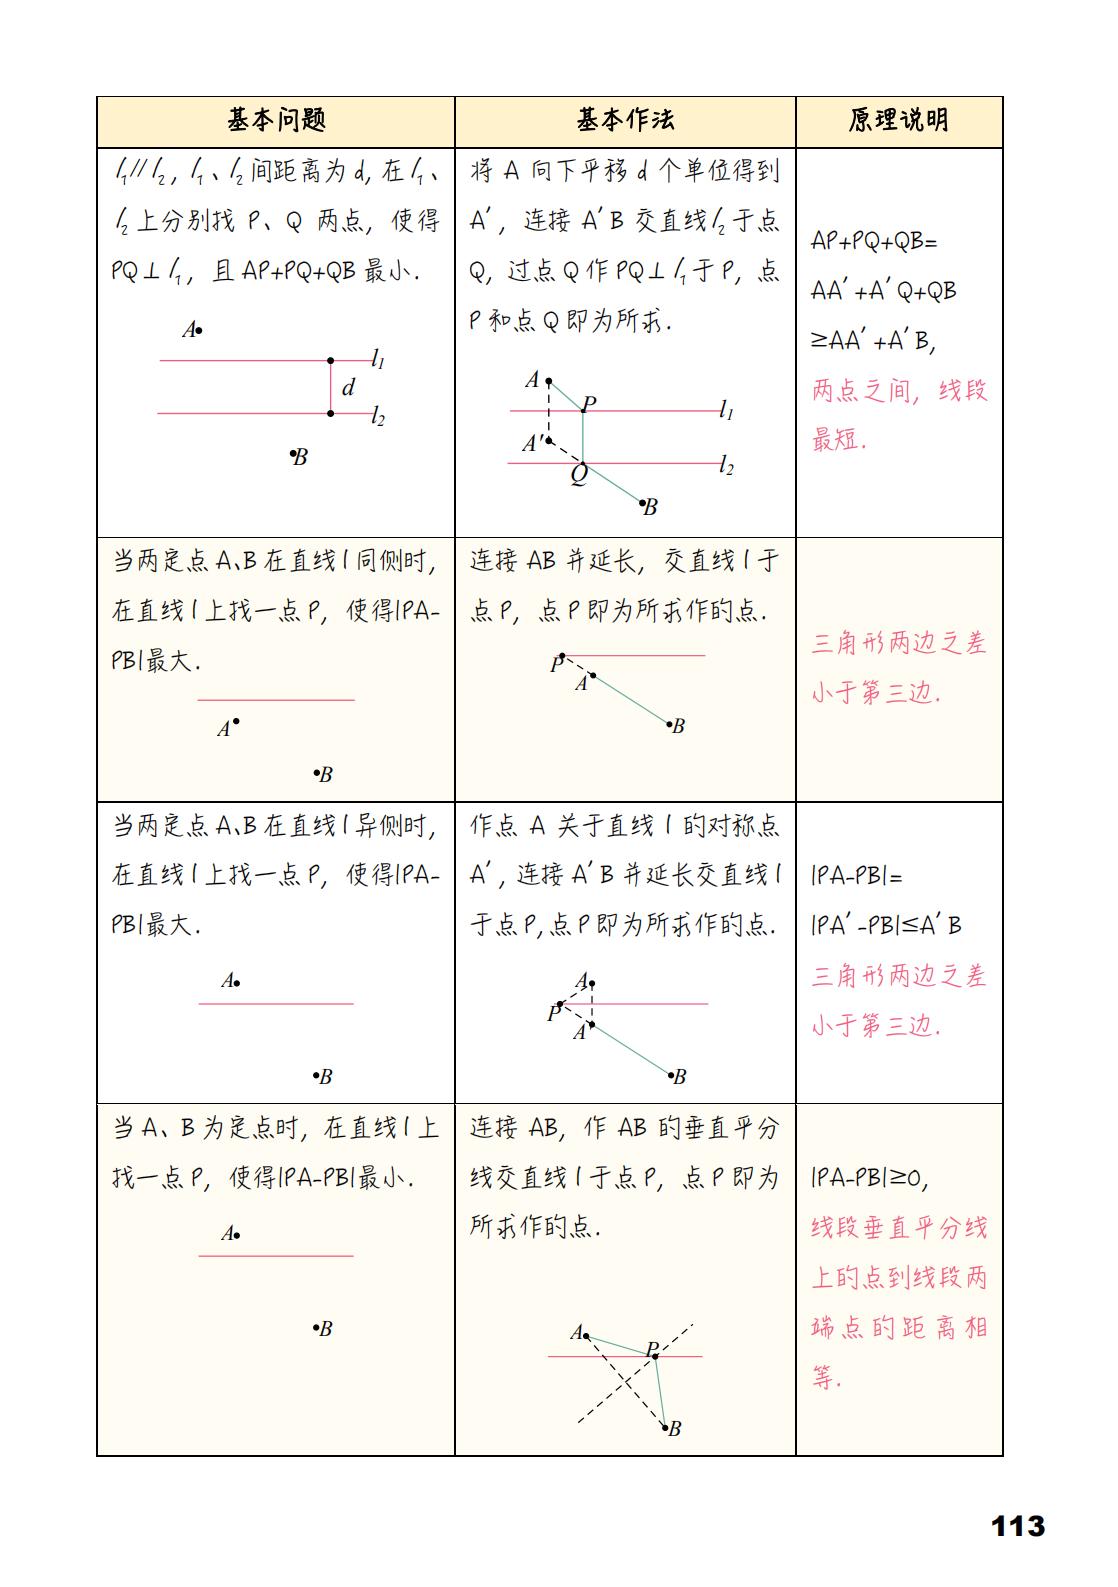 2019初中知识手册-数学_113.png